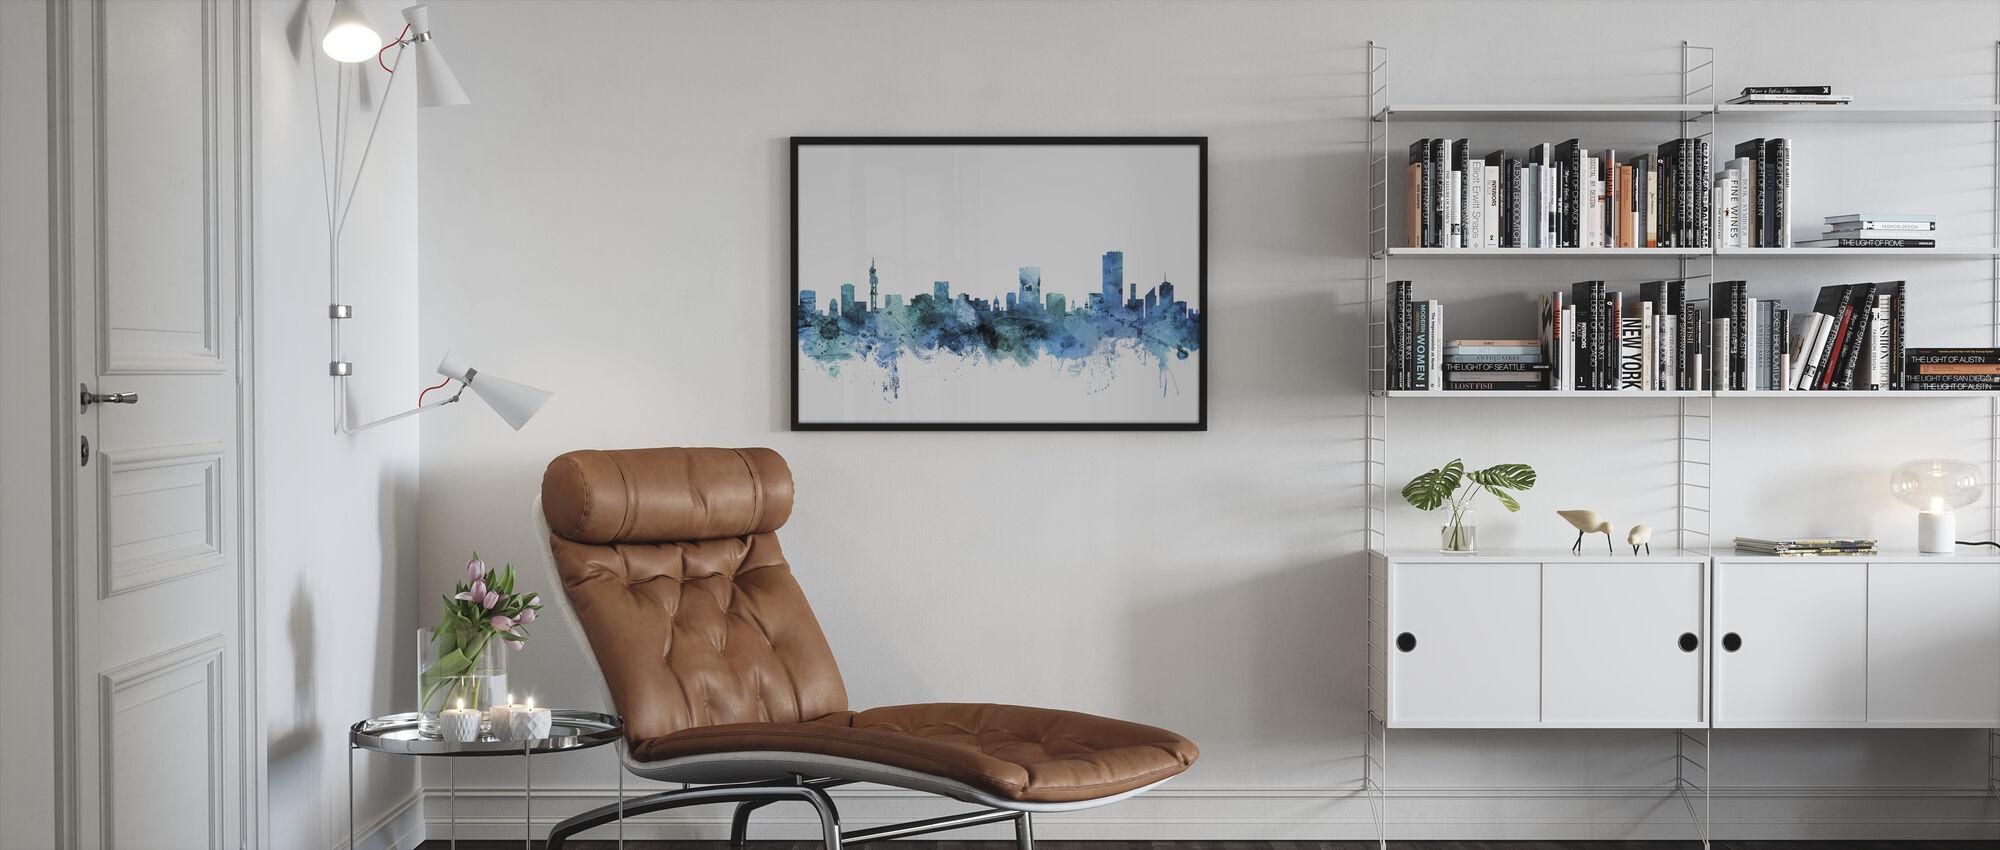 Pretoria South Africa Skyline - Framed print - Living Room